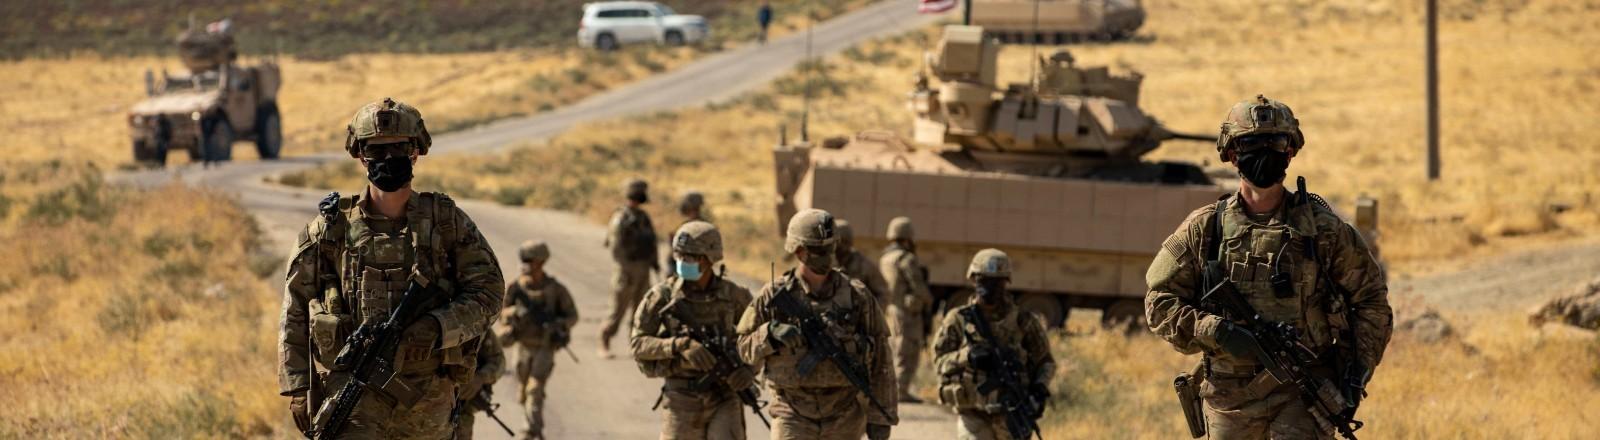 Soldaten der US-Army in Syrien